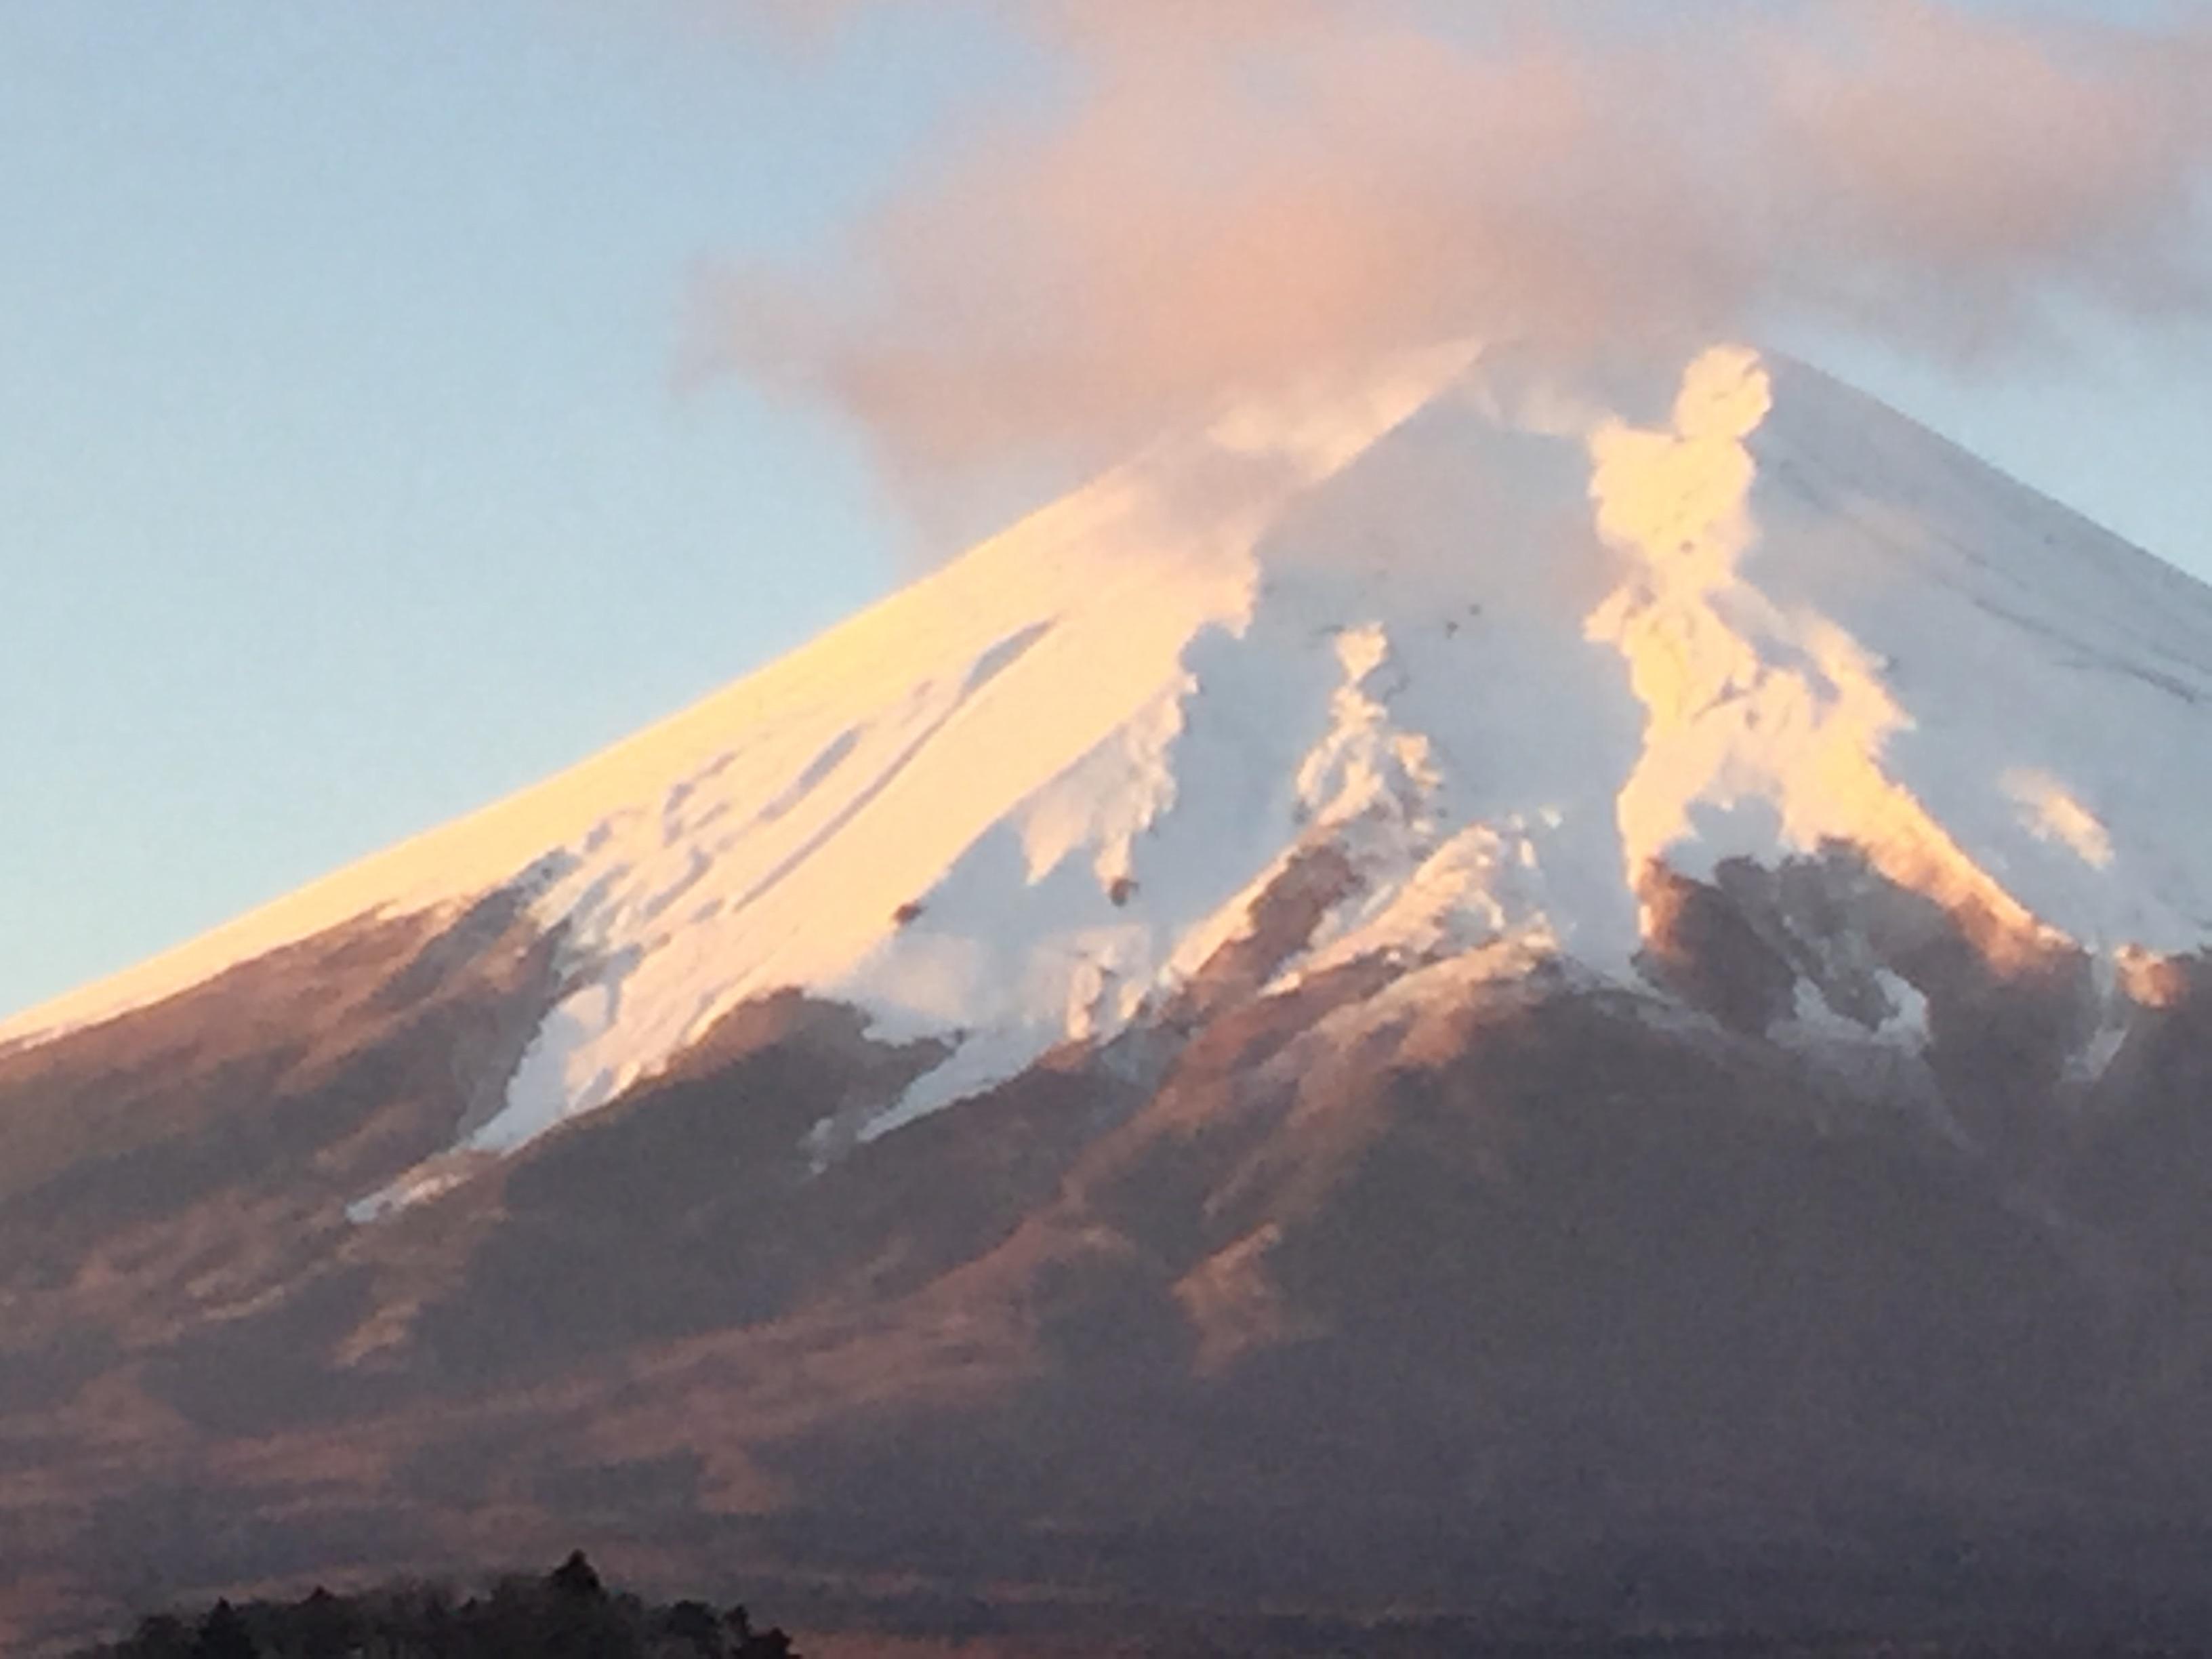 霊峰富士山の姿を眺めながら、夜明けを迎えました。